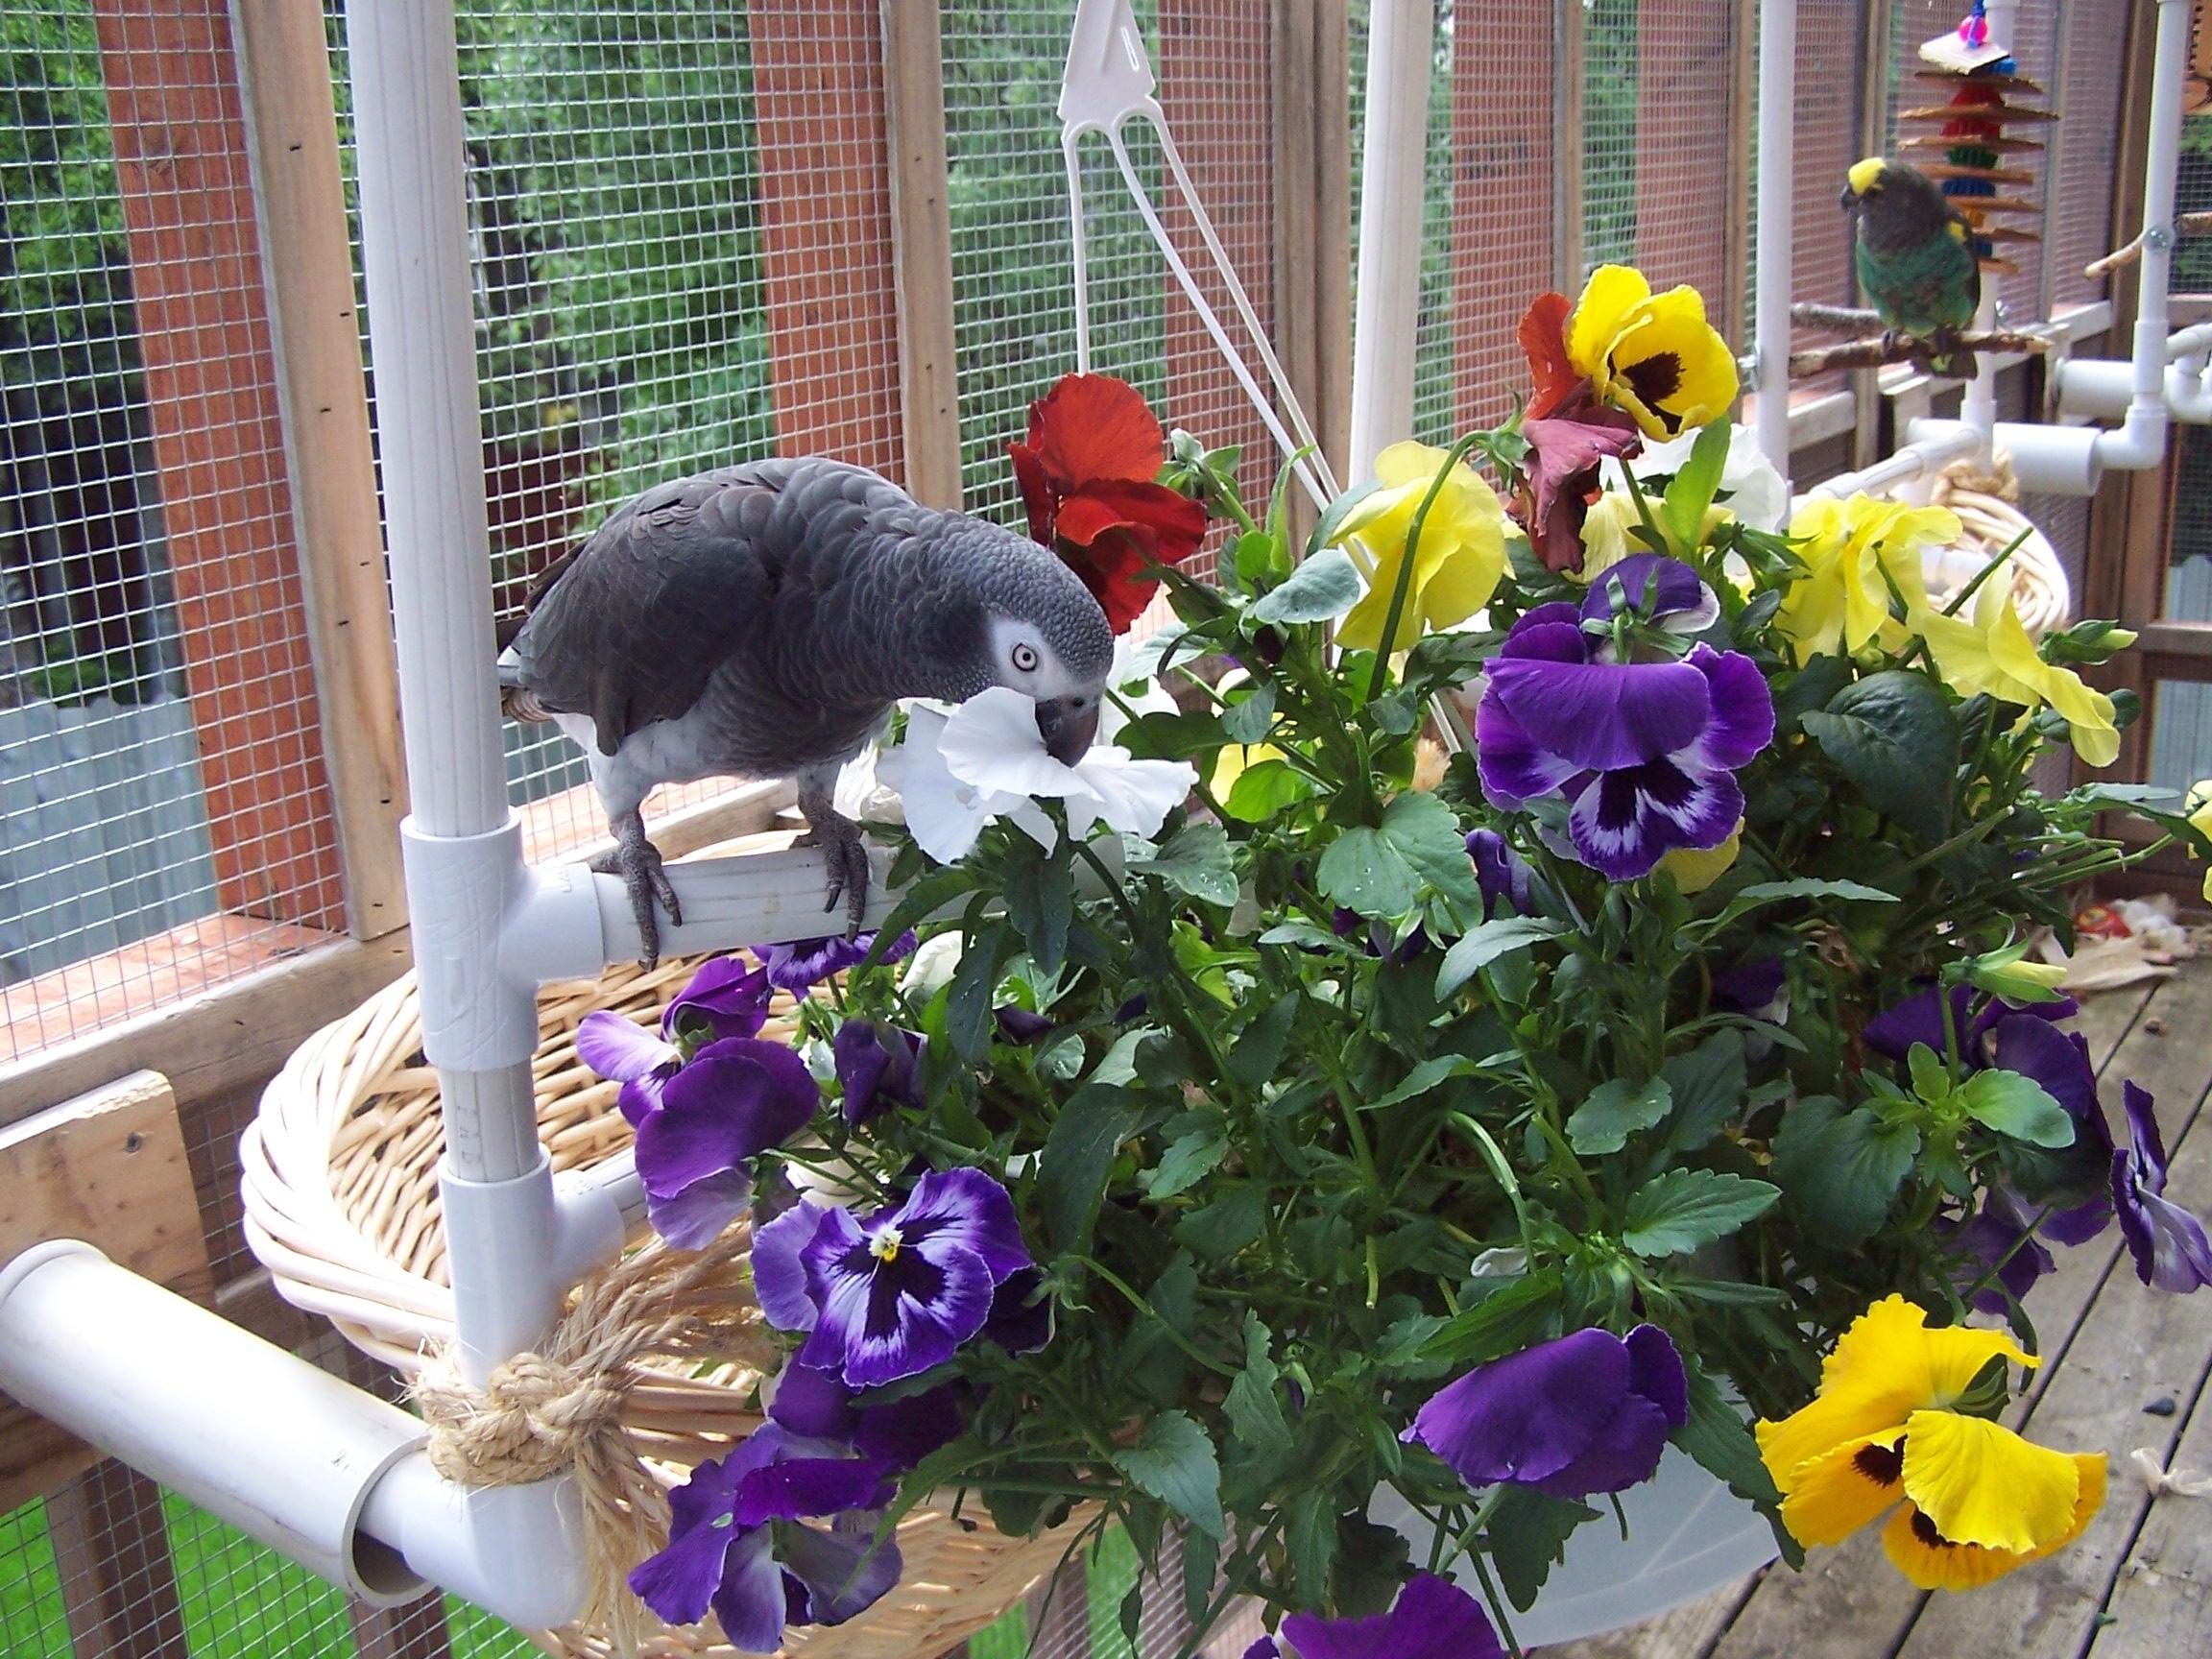 ParrotAndFlowers Aviary.KrisPorter